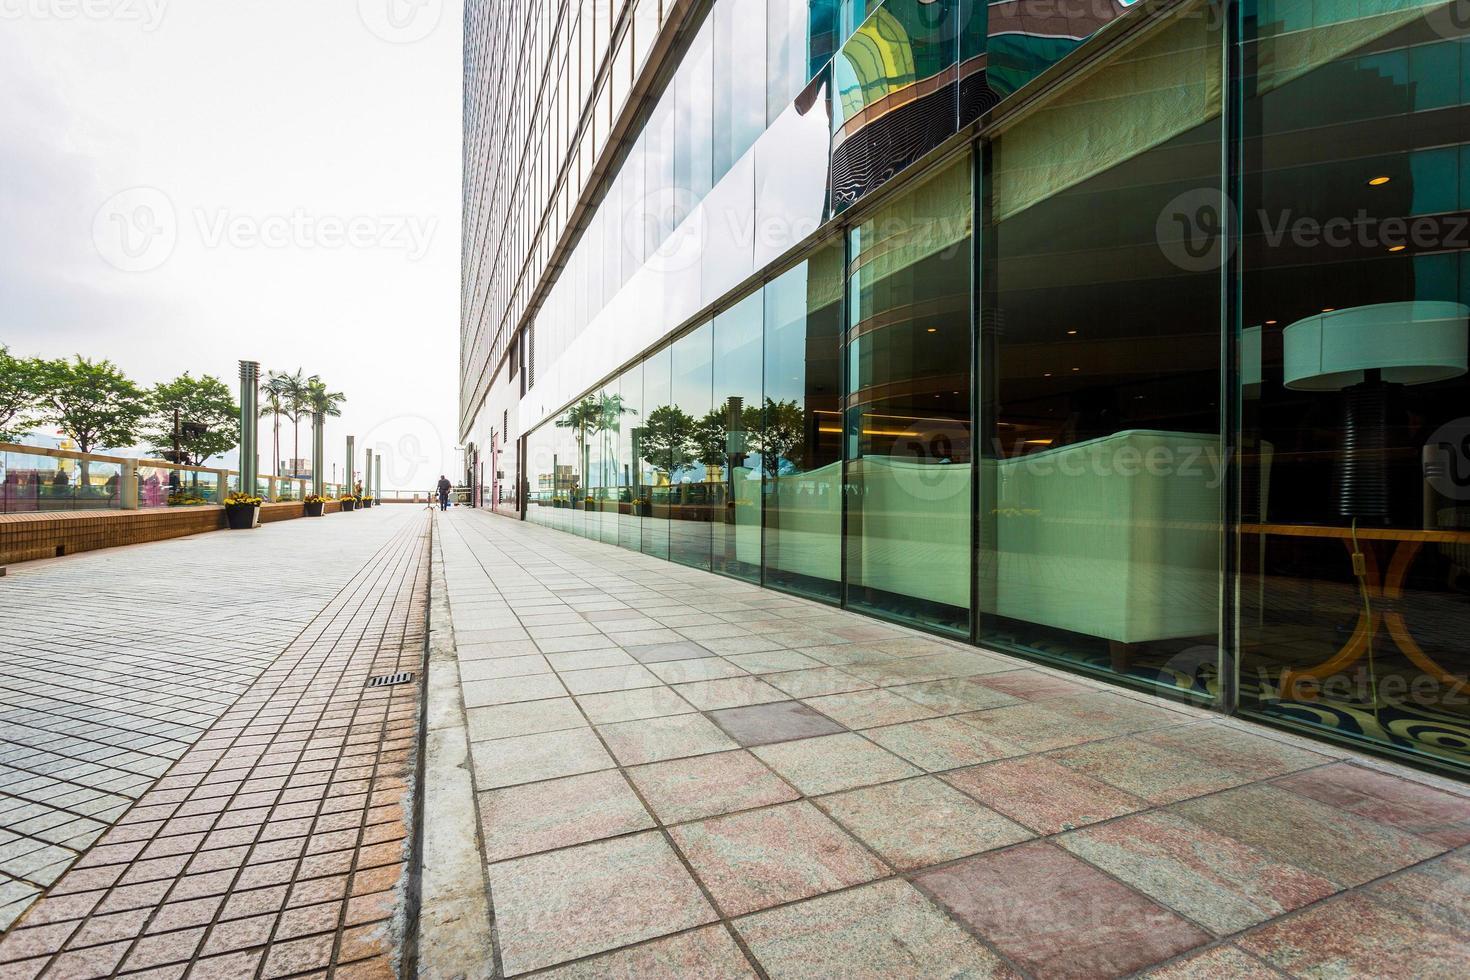 moderno edificio commerciale con strada vuota foto